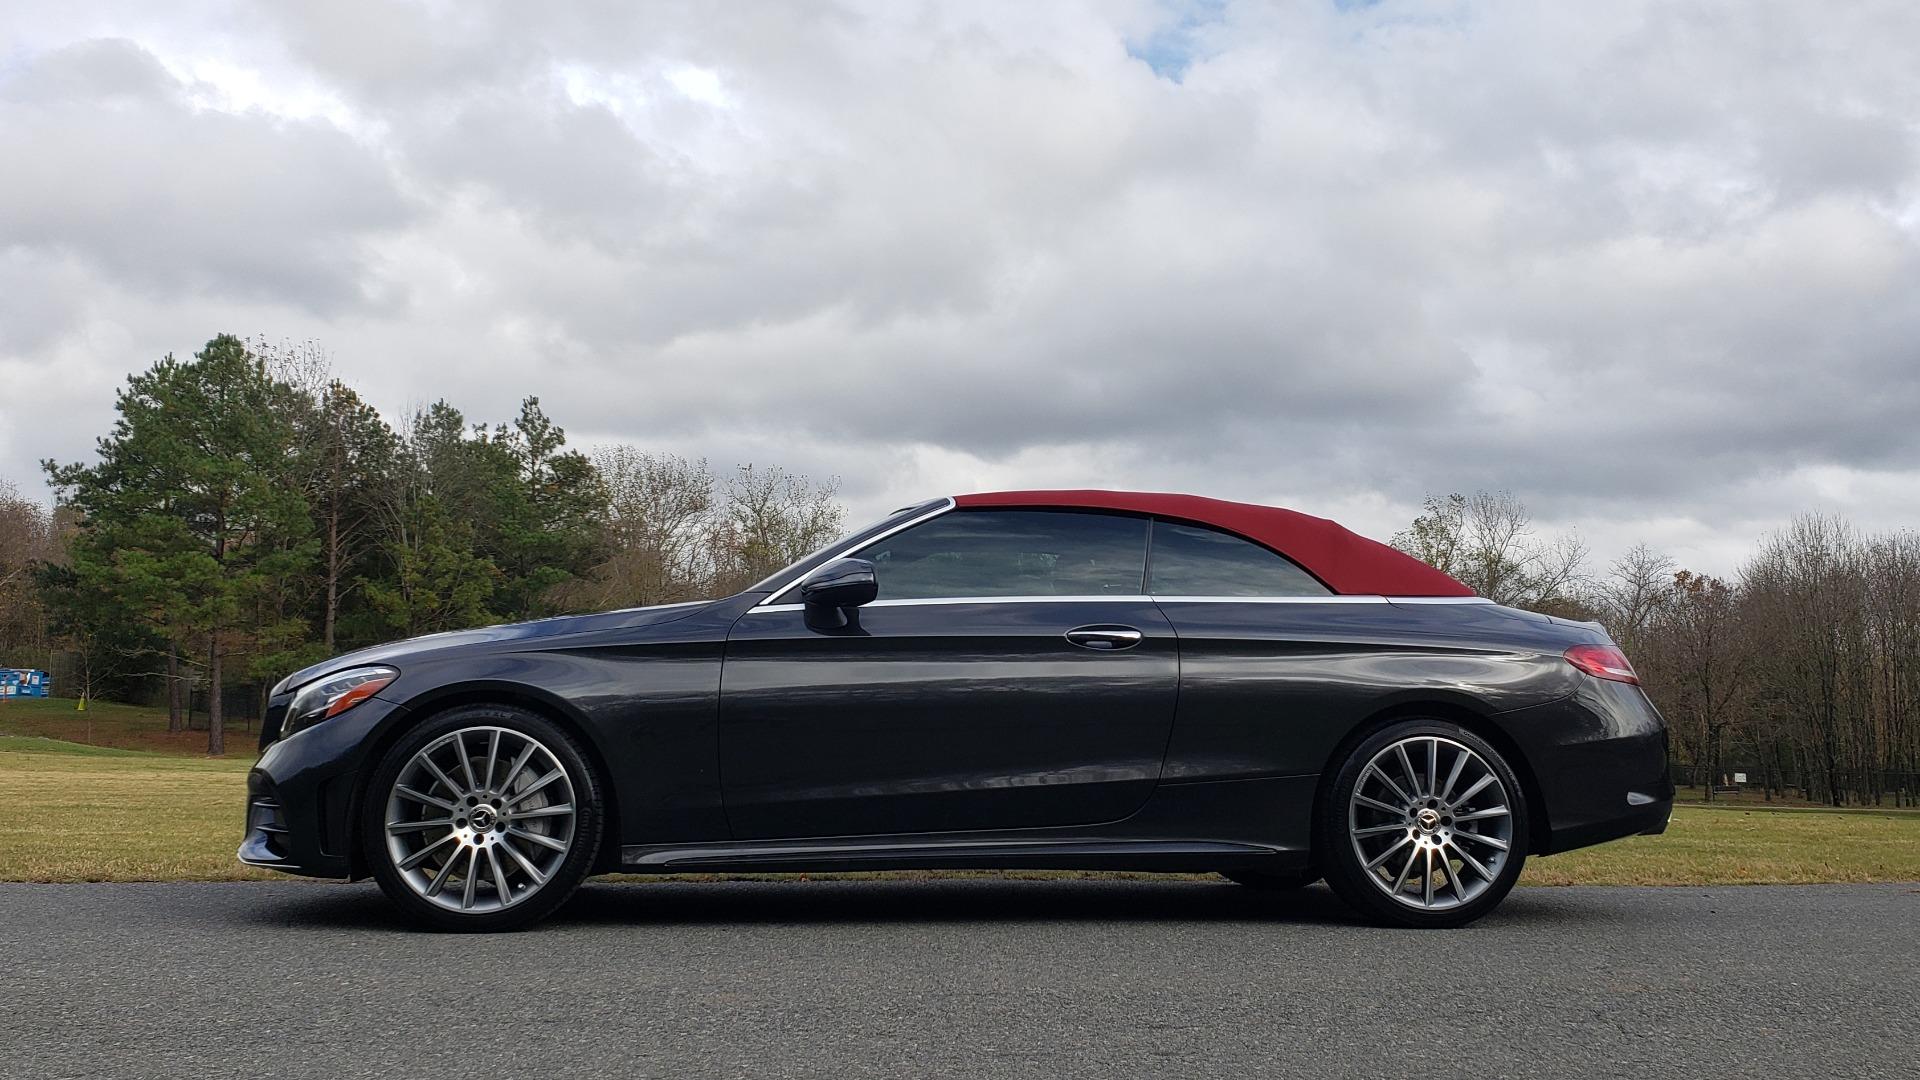 Used 2019 Mercedes-Benz C-CLASS C 300 CABRIOLET / PREM PKG / NAV / BURMESTER / MULTIMEDIA for sale $49,995 at Formula Imports in Charlotte NC 28227 5